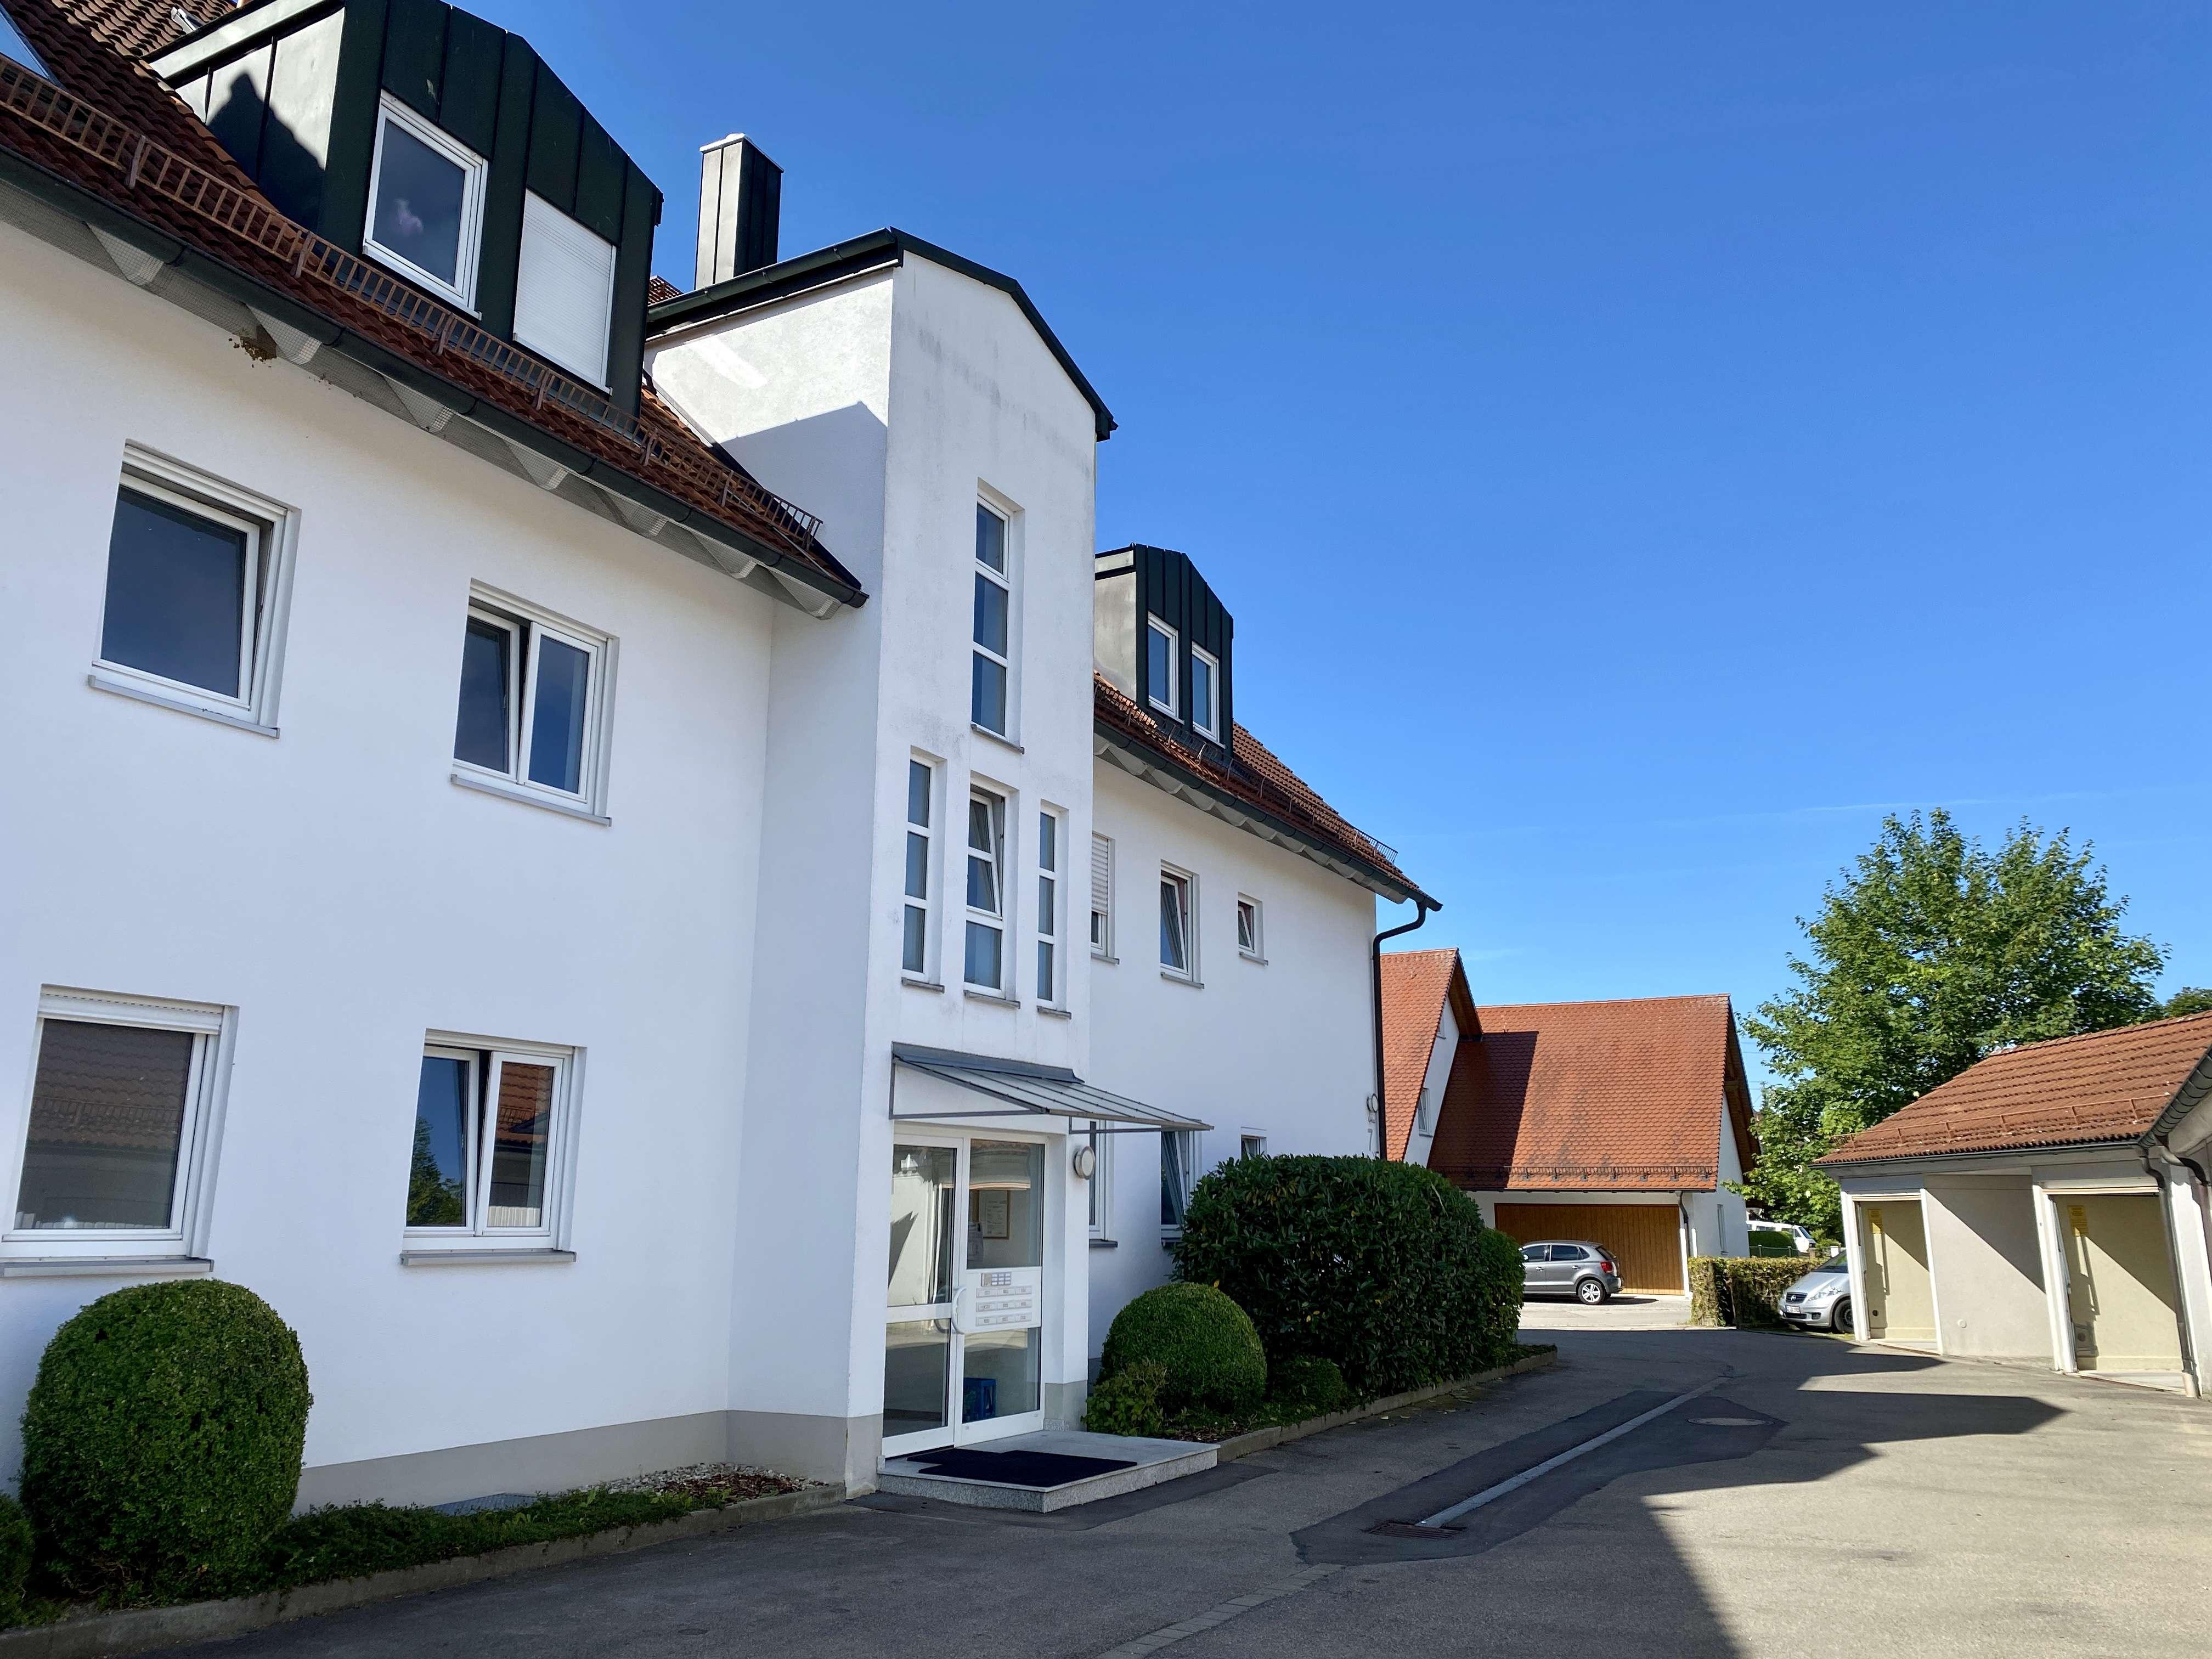 Gepflegte Wohnung mit fünf Zimmern sowie Balkon und Einbauküche in Ichenhausen in